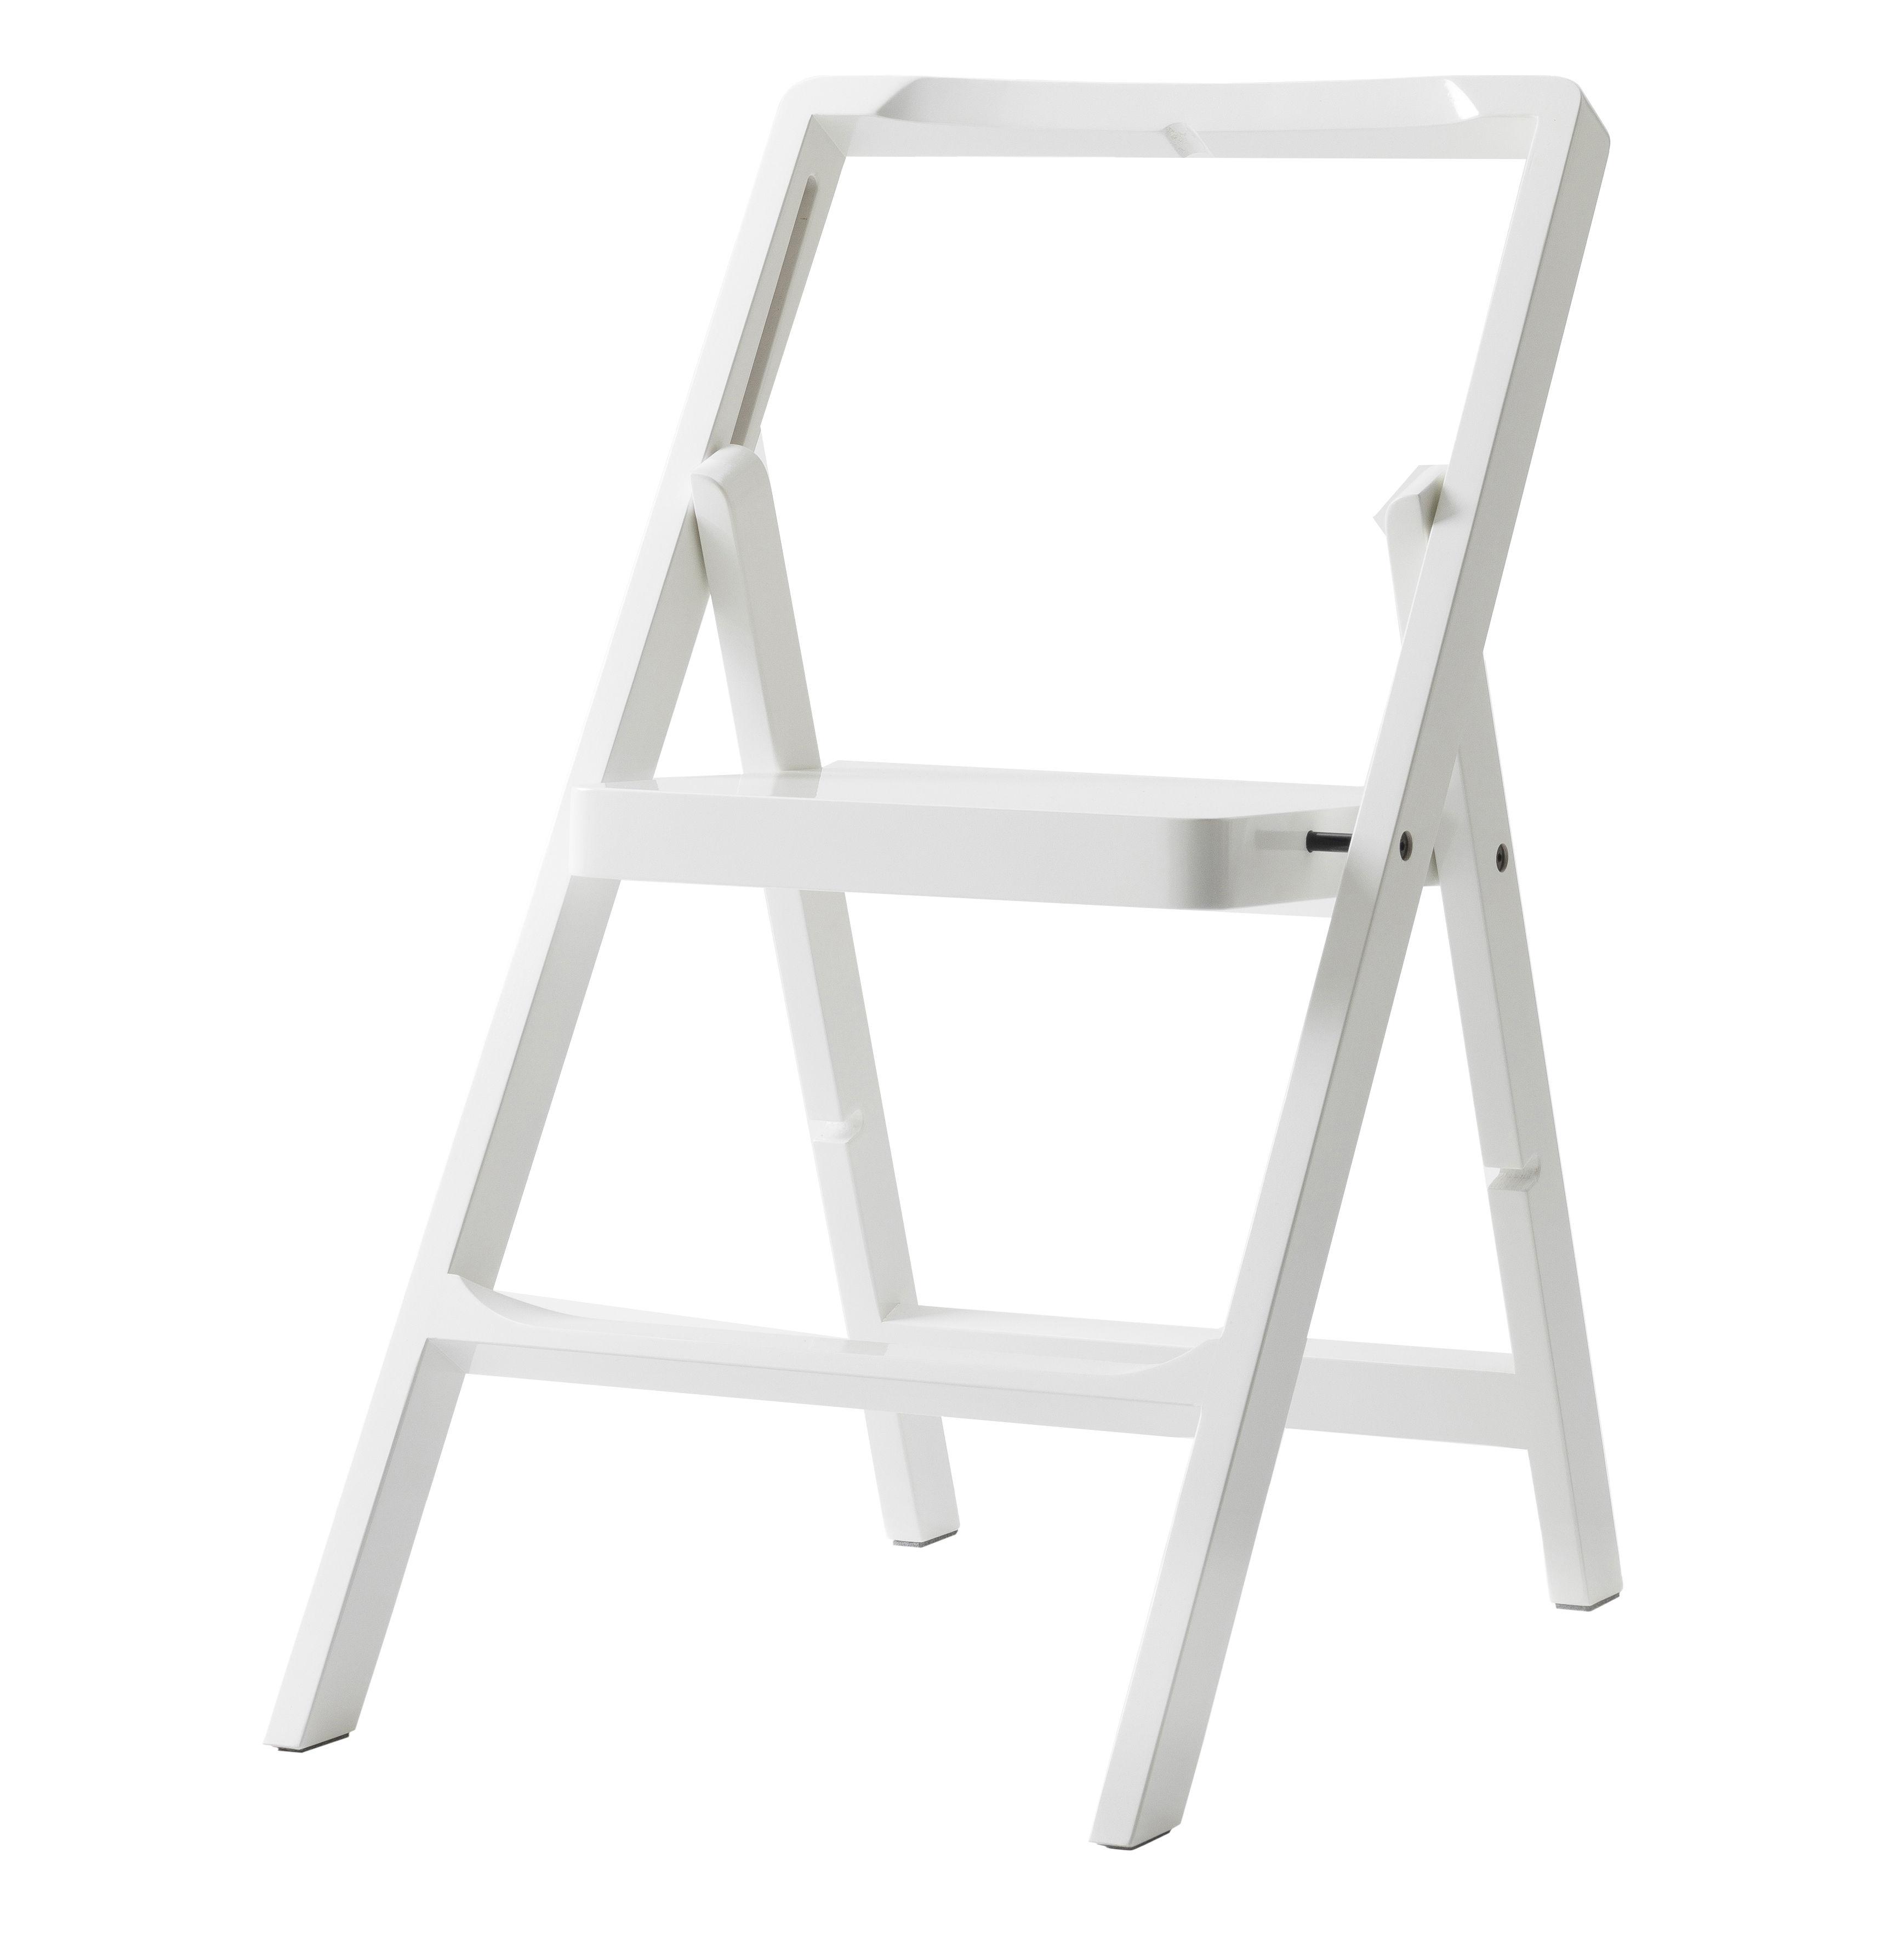 Mobilier - Compléments d'ameublement - Escabeau Mini Step / H 45 cm - Chaise pliante - Design House Stockholm - Blanc - Hêtre laqué